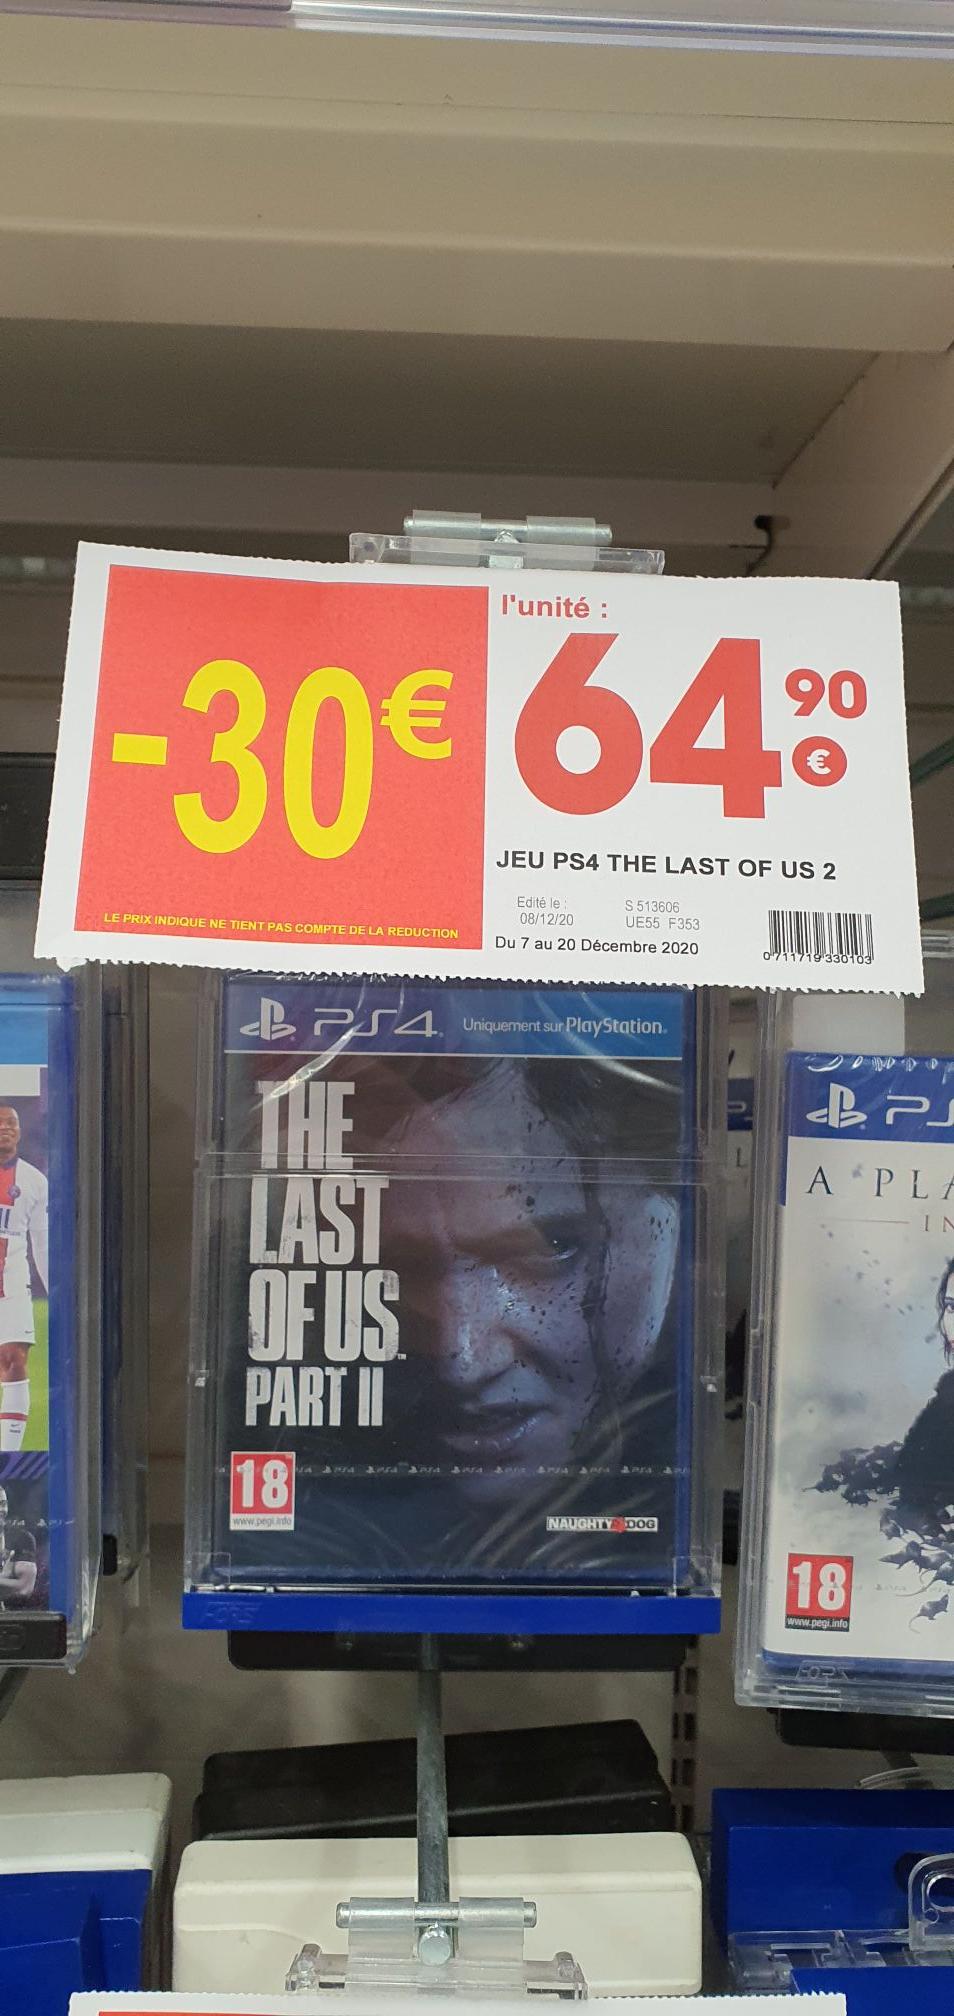 Sélection de jeux en promotion - Ex : The Last Of Us Part 2 sur PS4 - Annemasse (74)